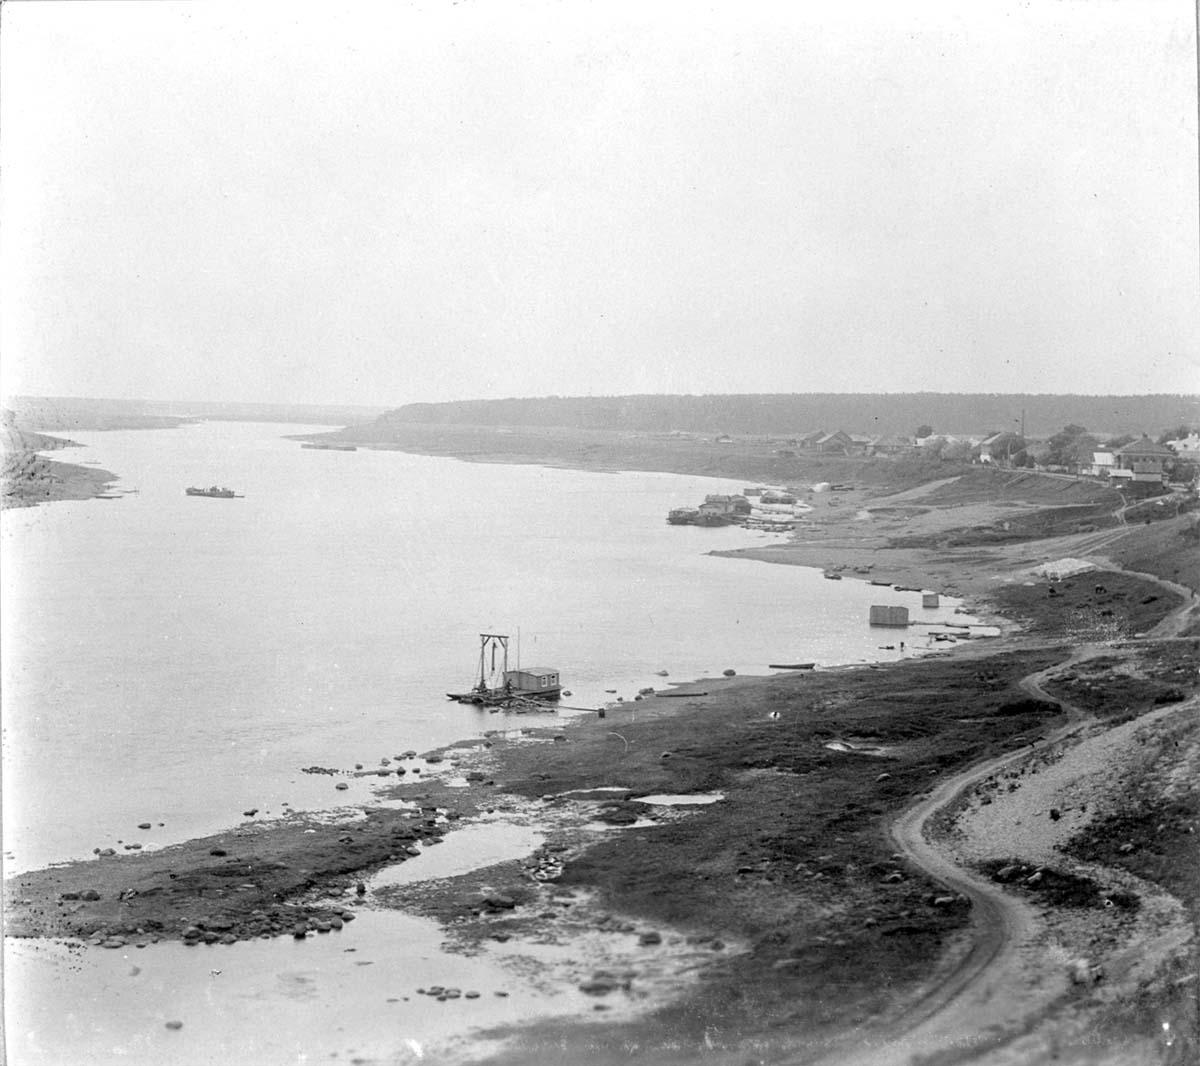 Myshkin. Panorama of the Volga River, 1910s